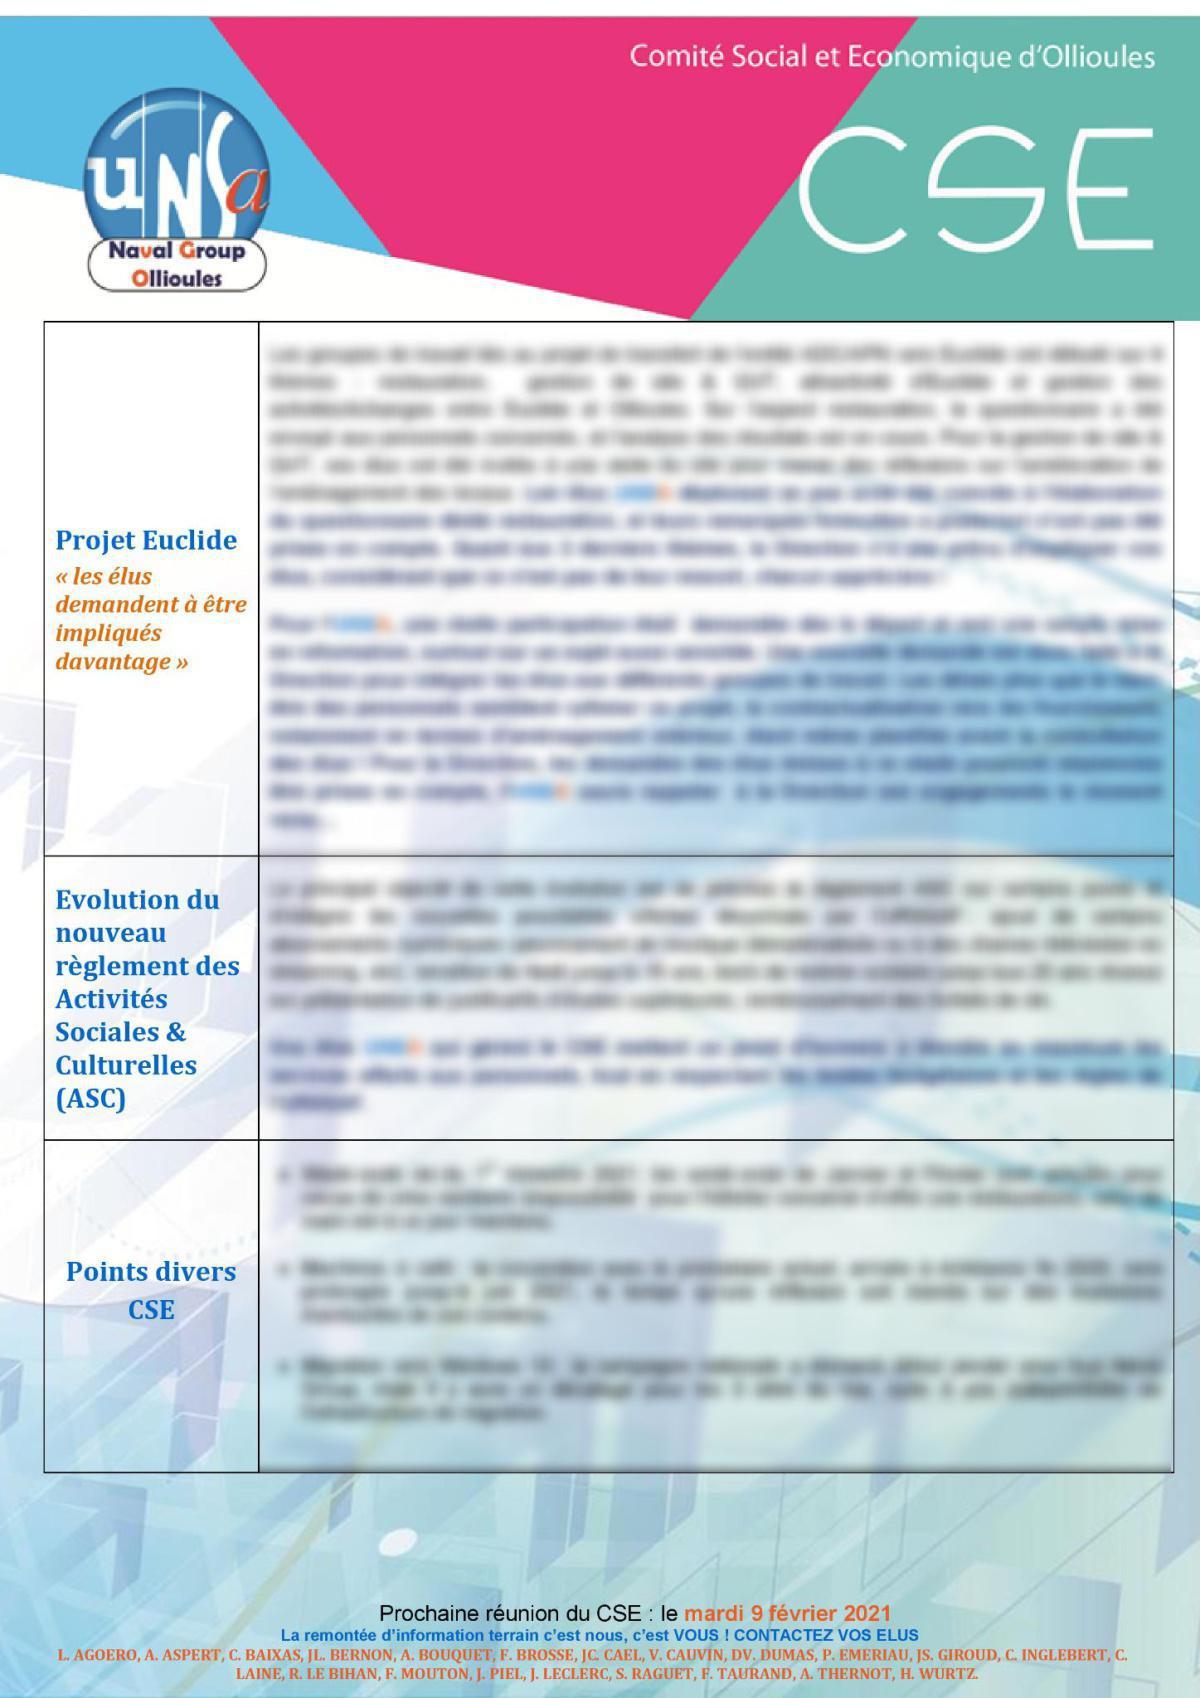 CSE d'Ollioules - réunion du 12 janvier 2021 : Un début d'année dense, l'UNSA répond présent !